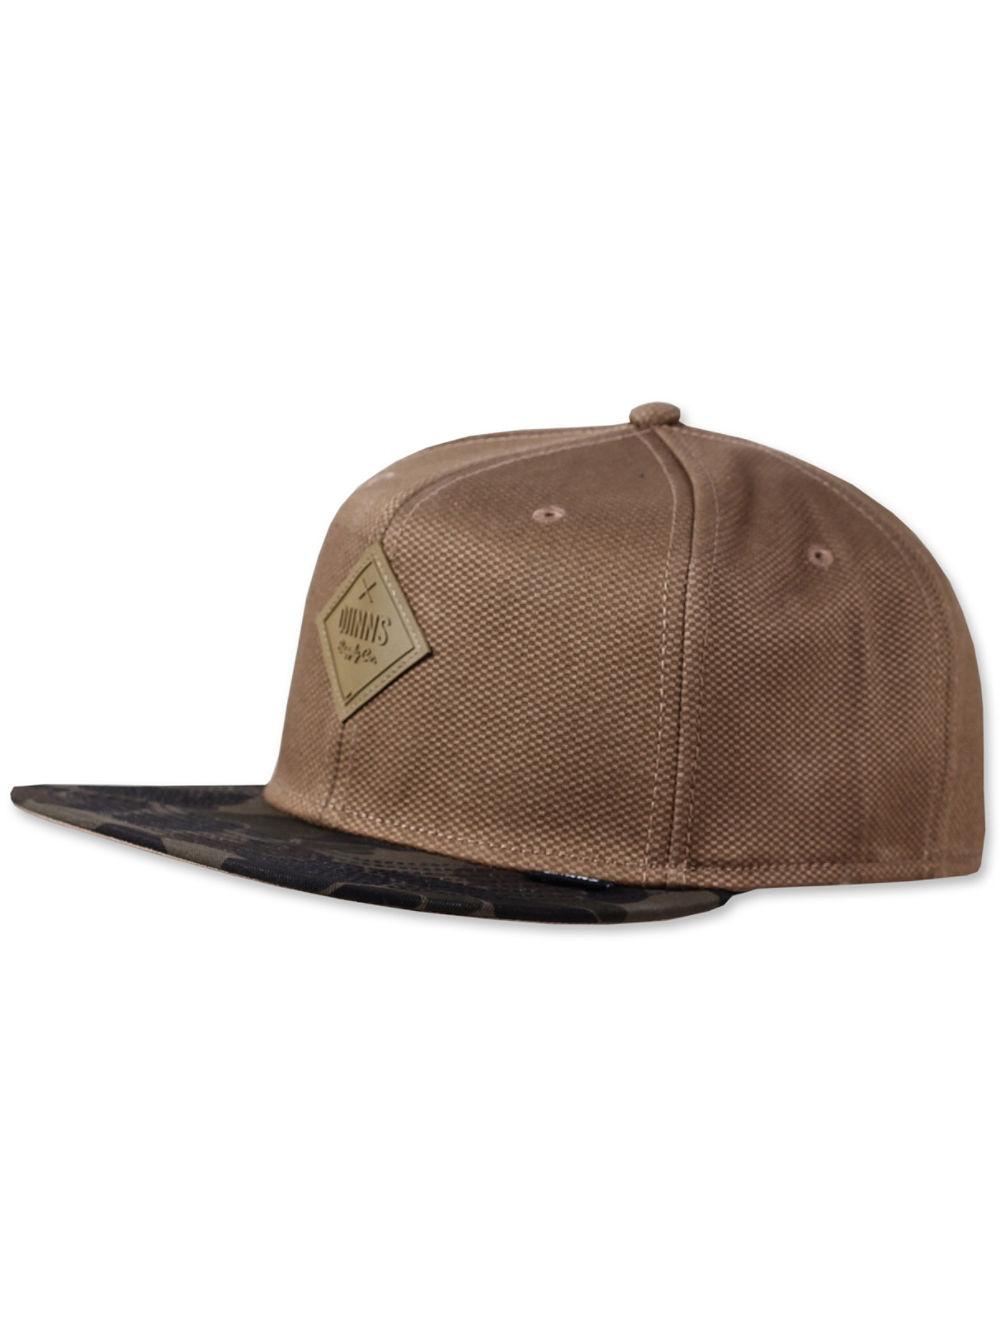 djinns-hump-camo-6-panel-snapback-cap